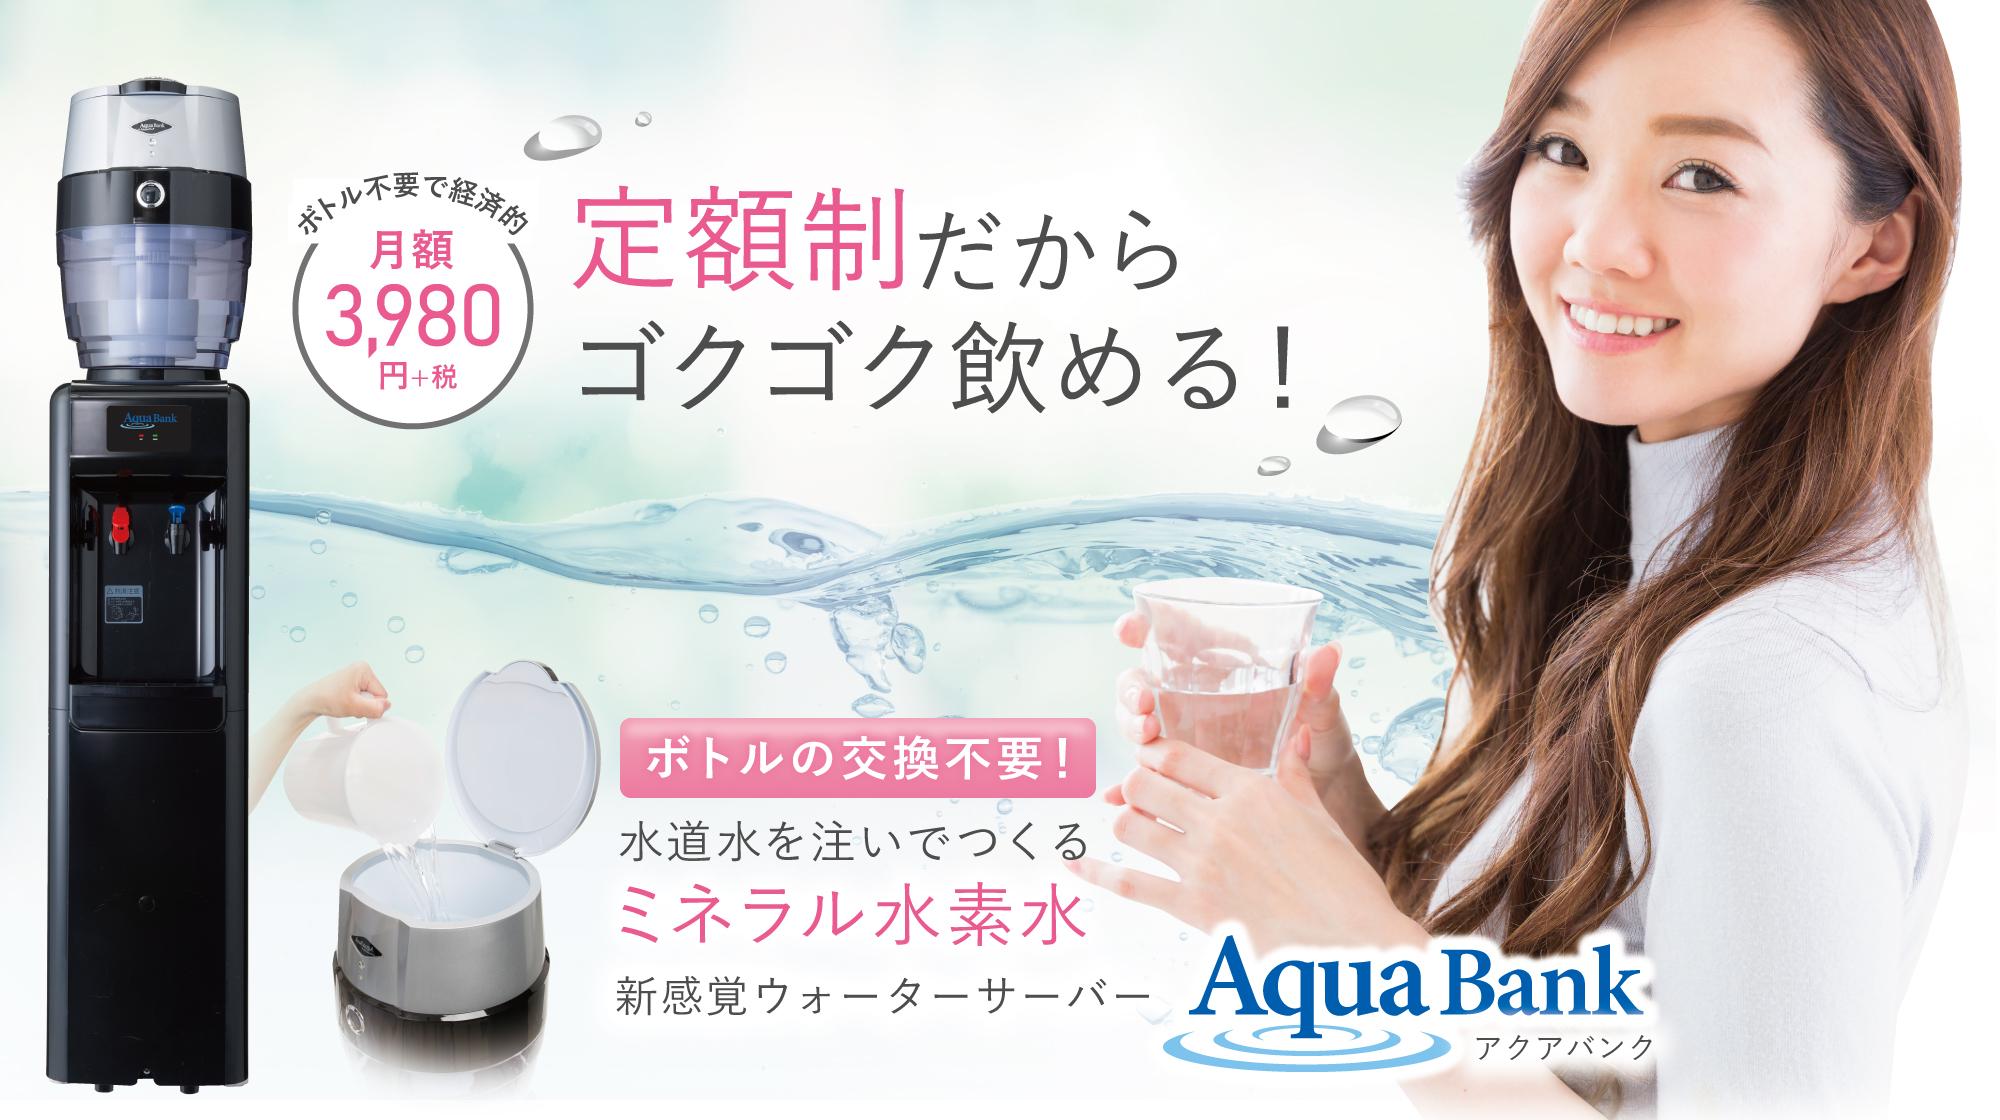 水道水を注いでつくるミネラル水素水|ボトル交換不要で経済的「月額3980円」